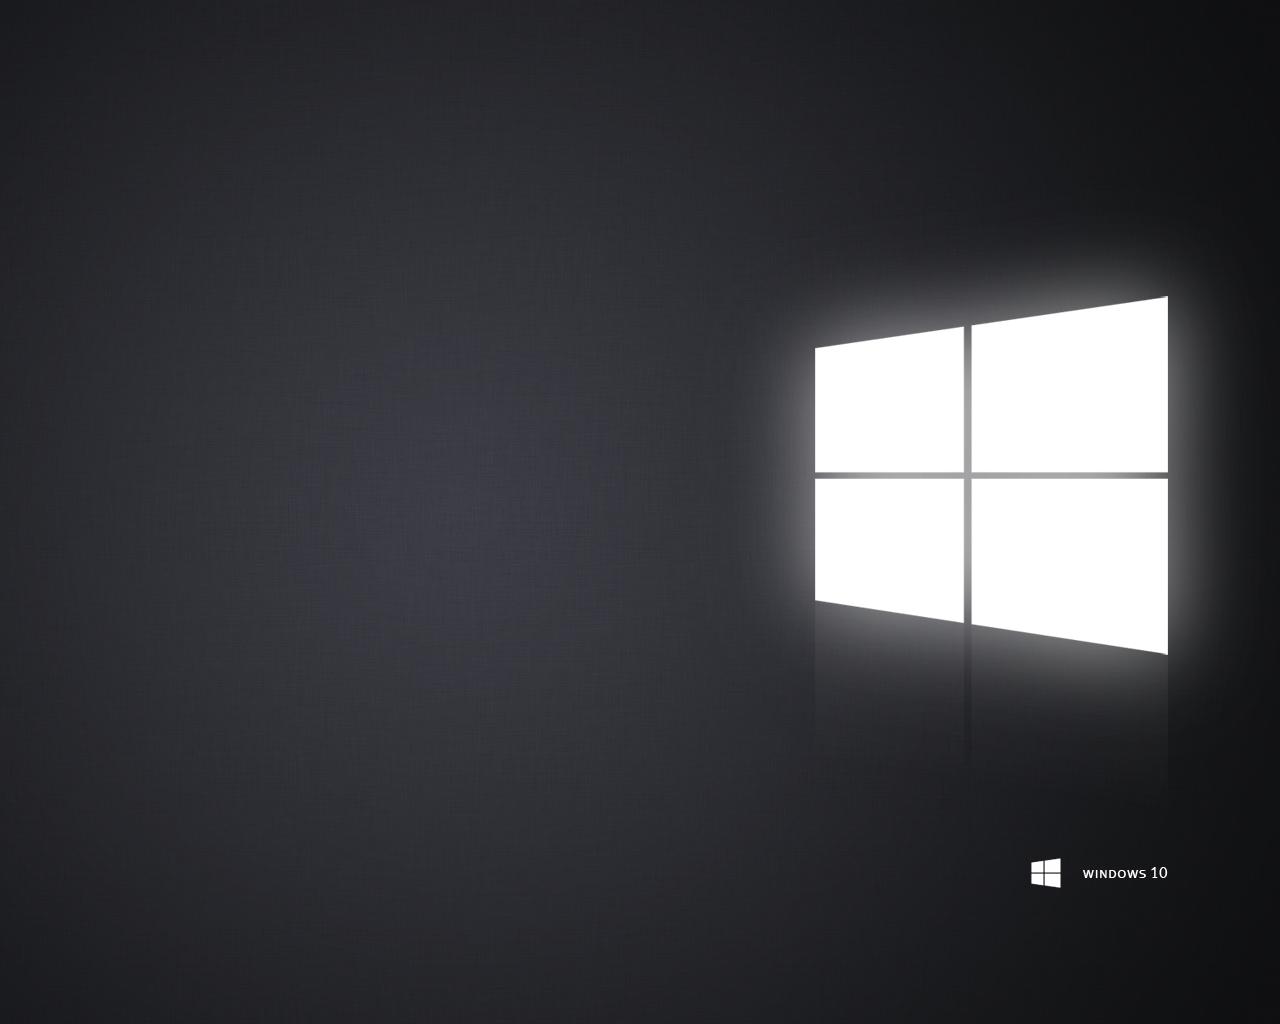 윈도우10바탕화면1280.png